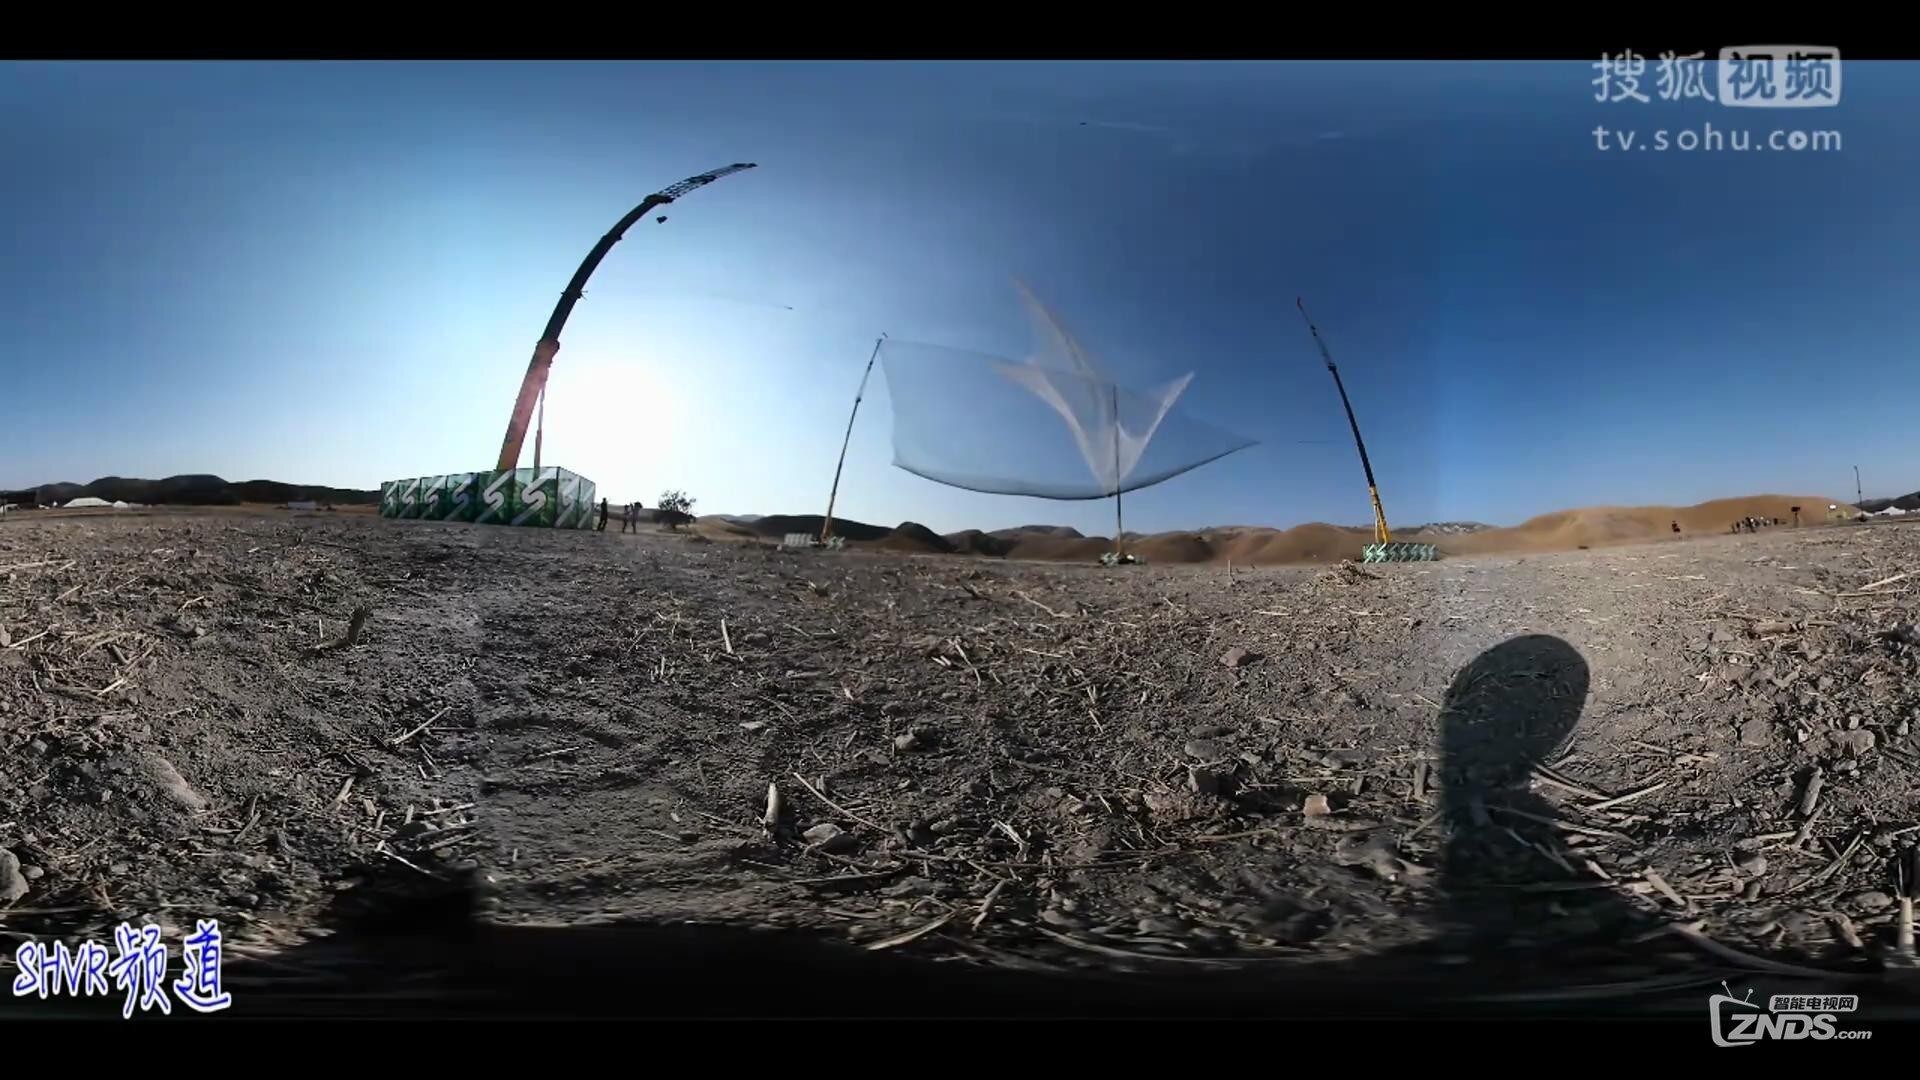 无降落伞高空跳落 7600米无伞跳下太玩命vr视频_20171121141055.JPG